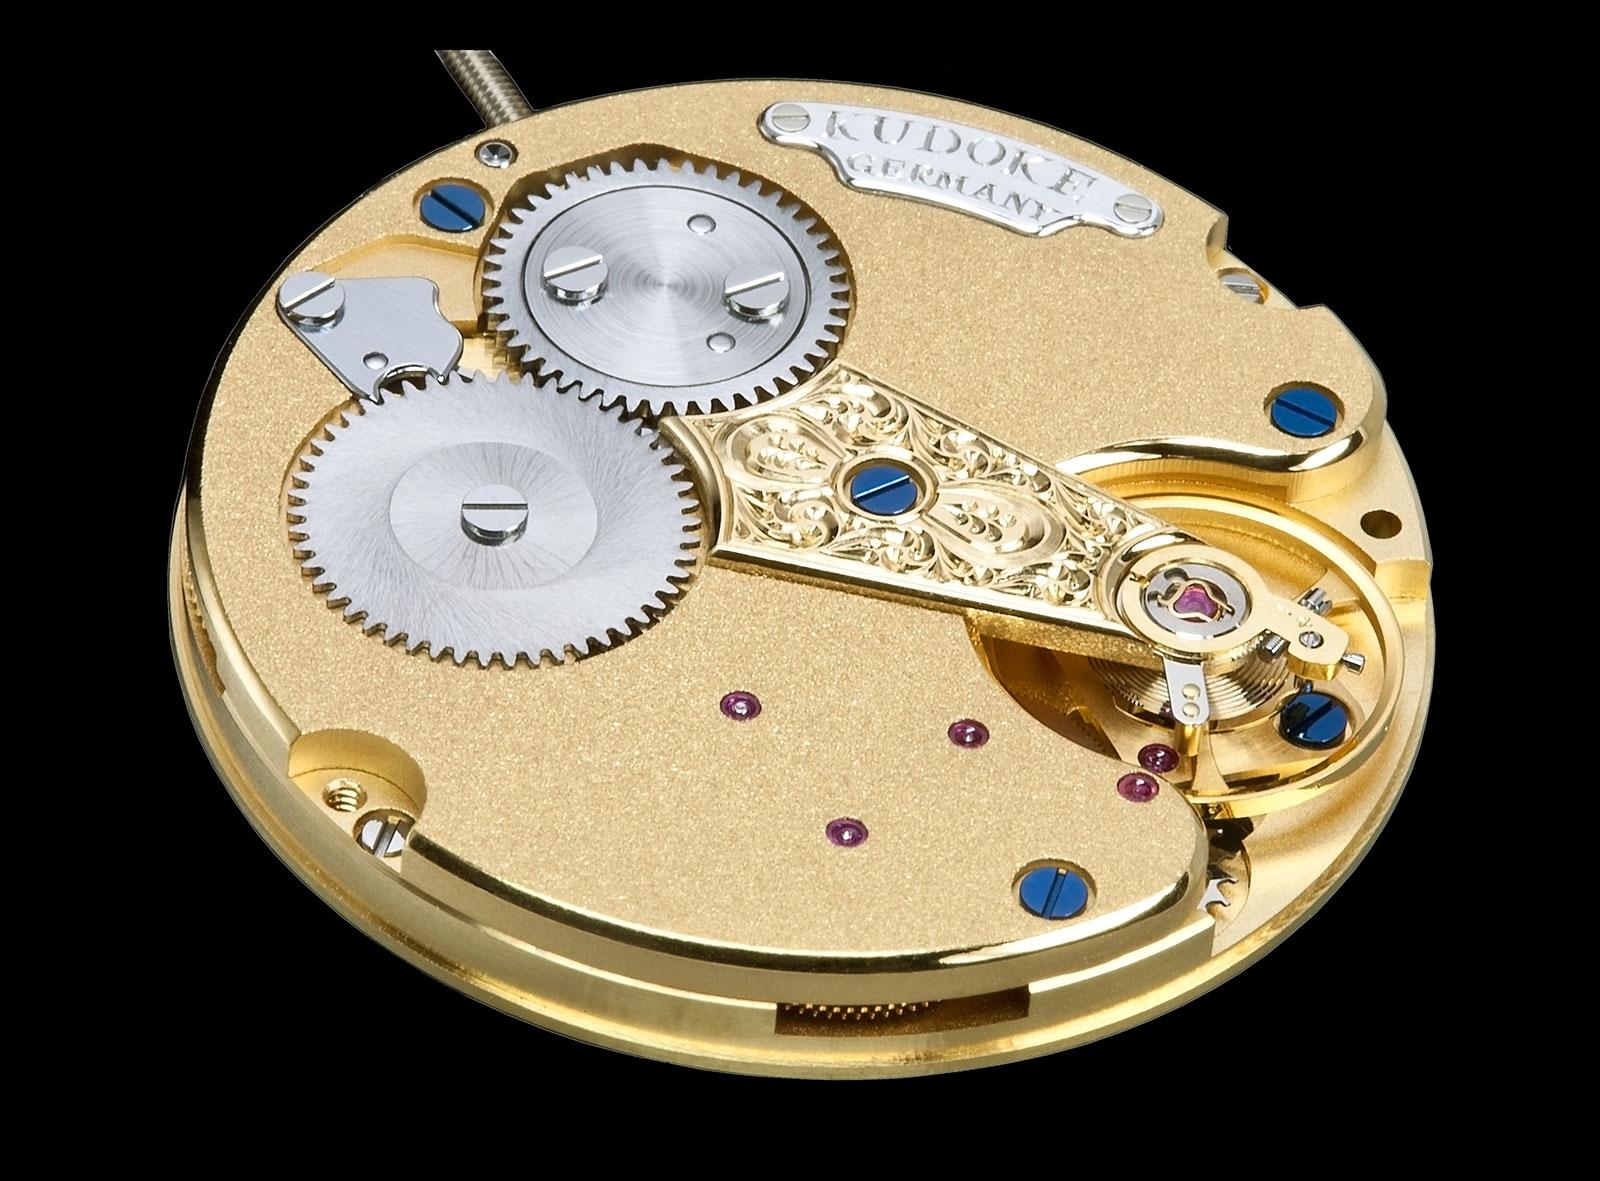 KUDOKE Kaliber 1 watch movement 2